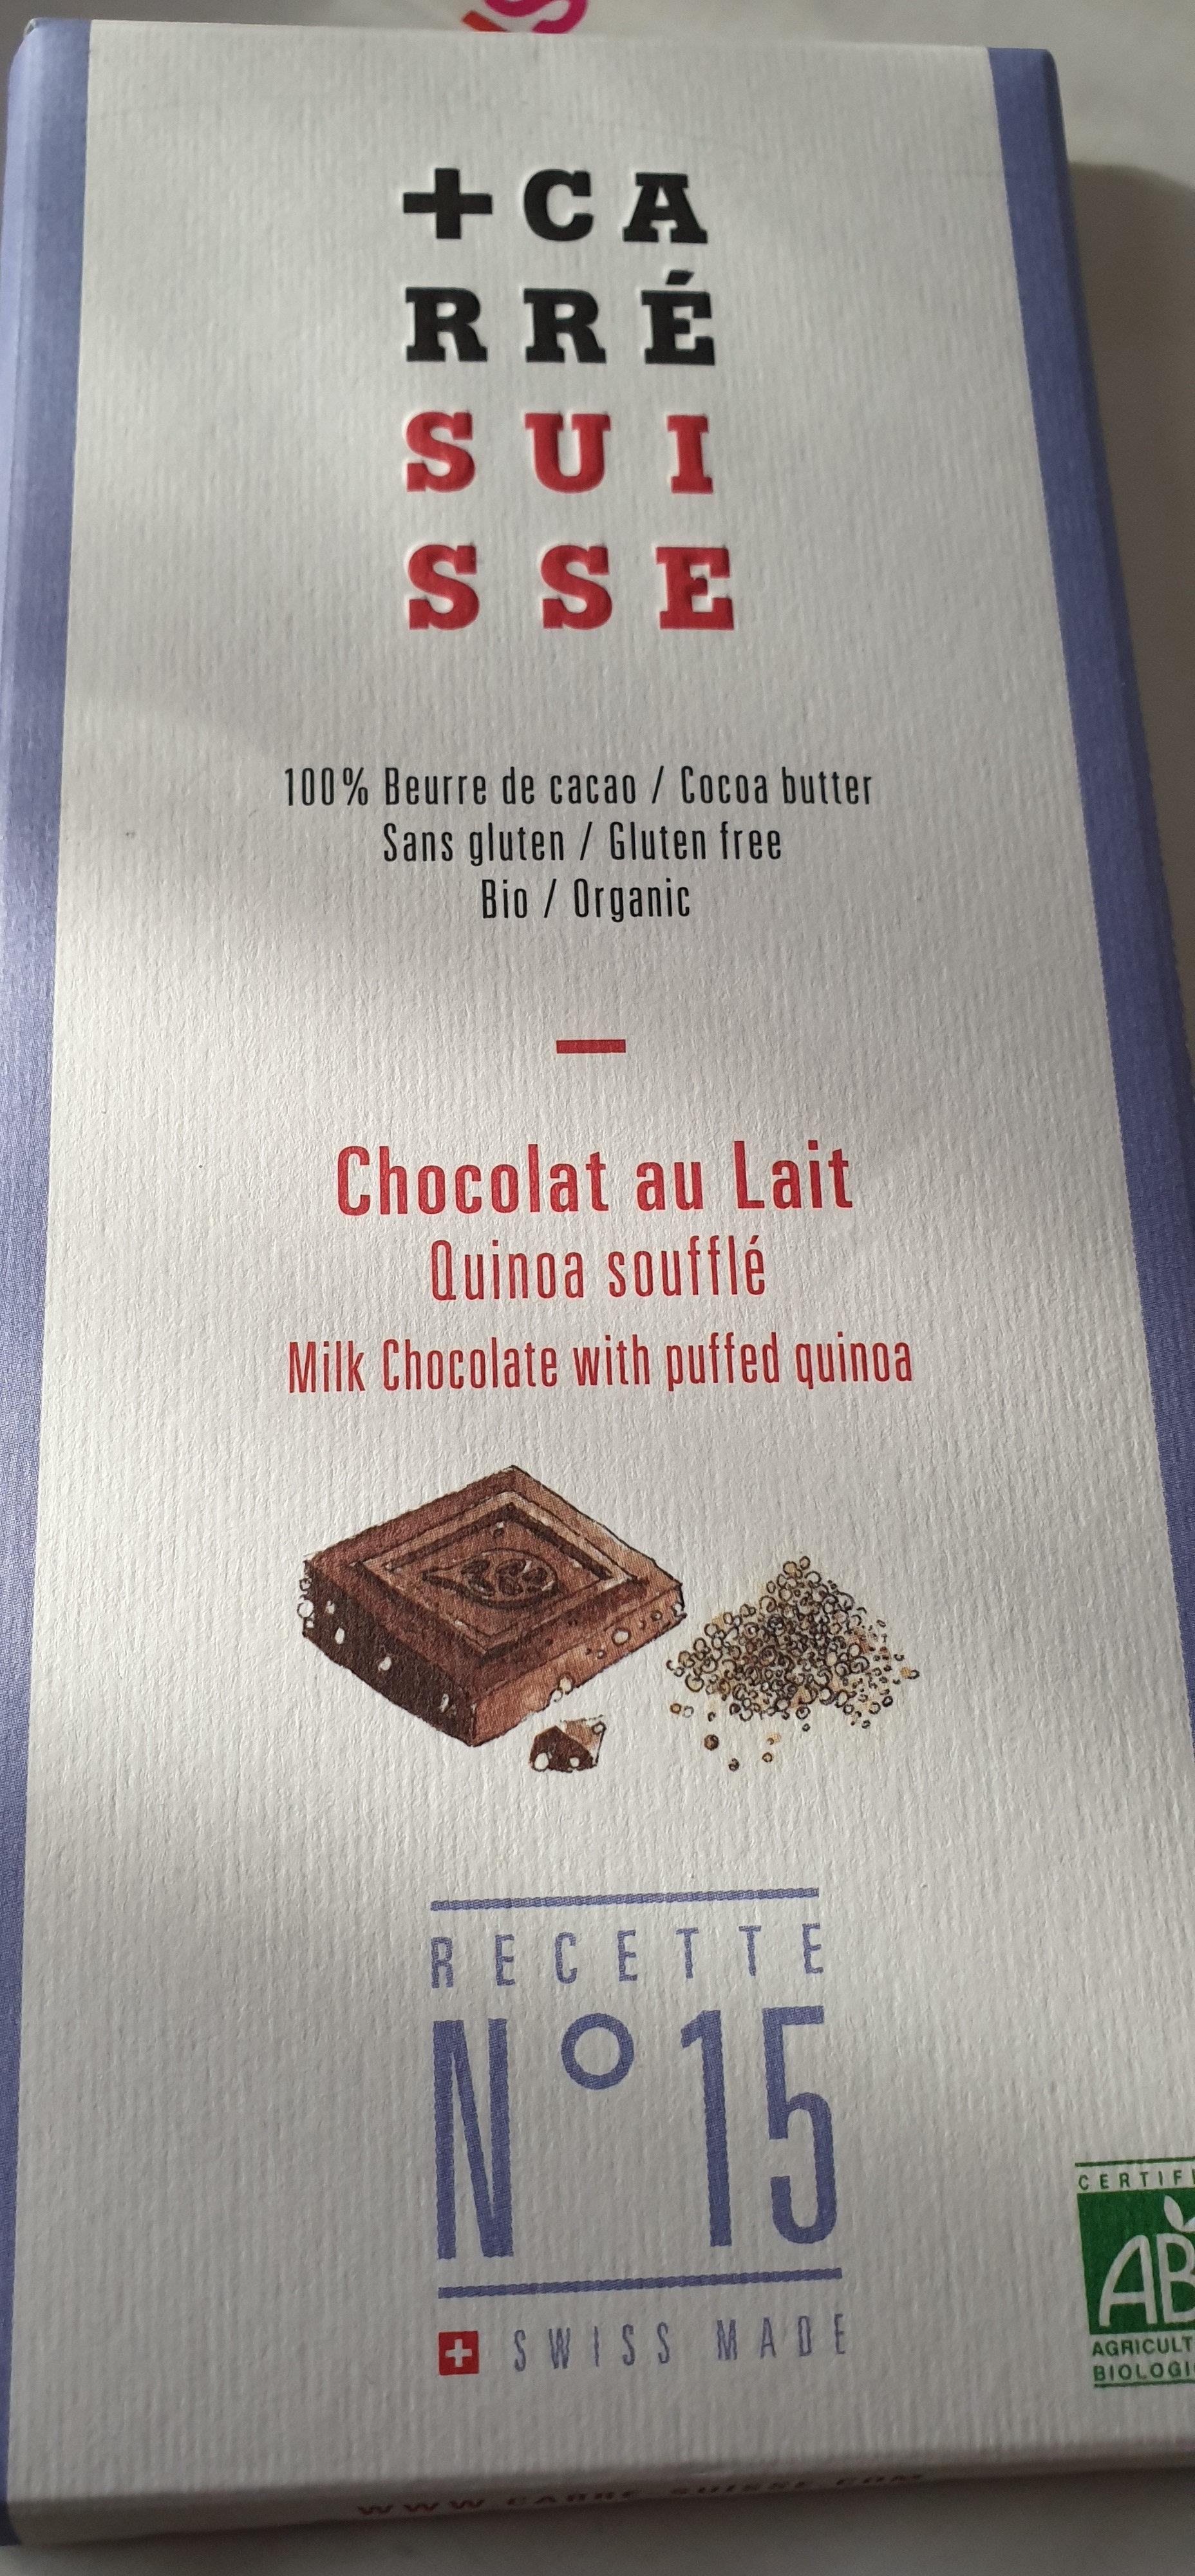 +carré suisse recette 15 - Product - fr